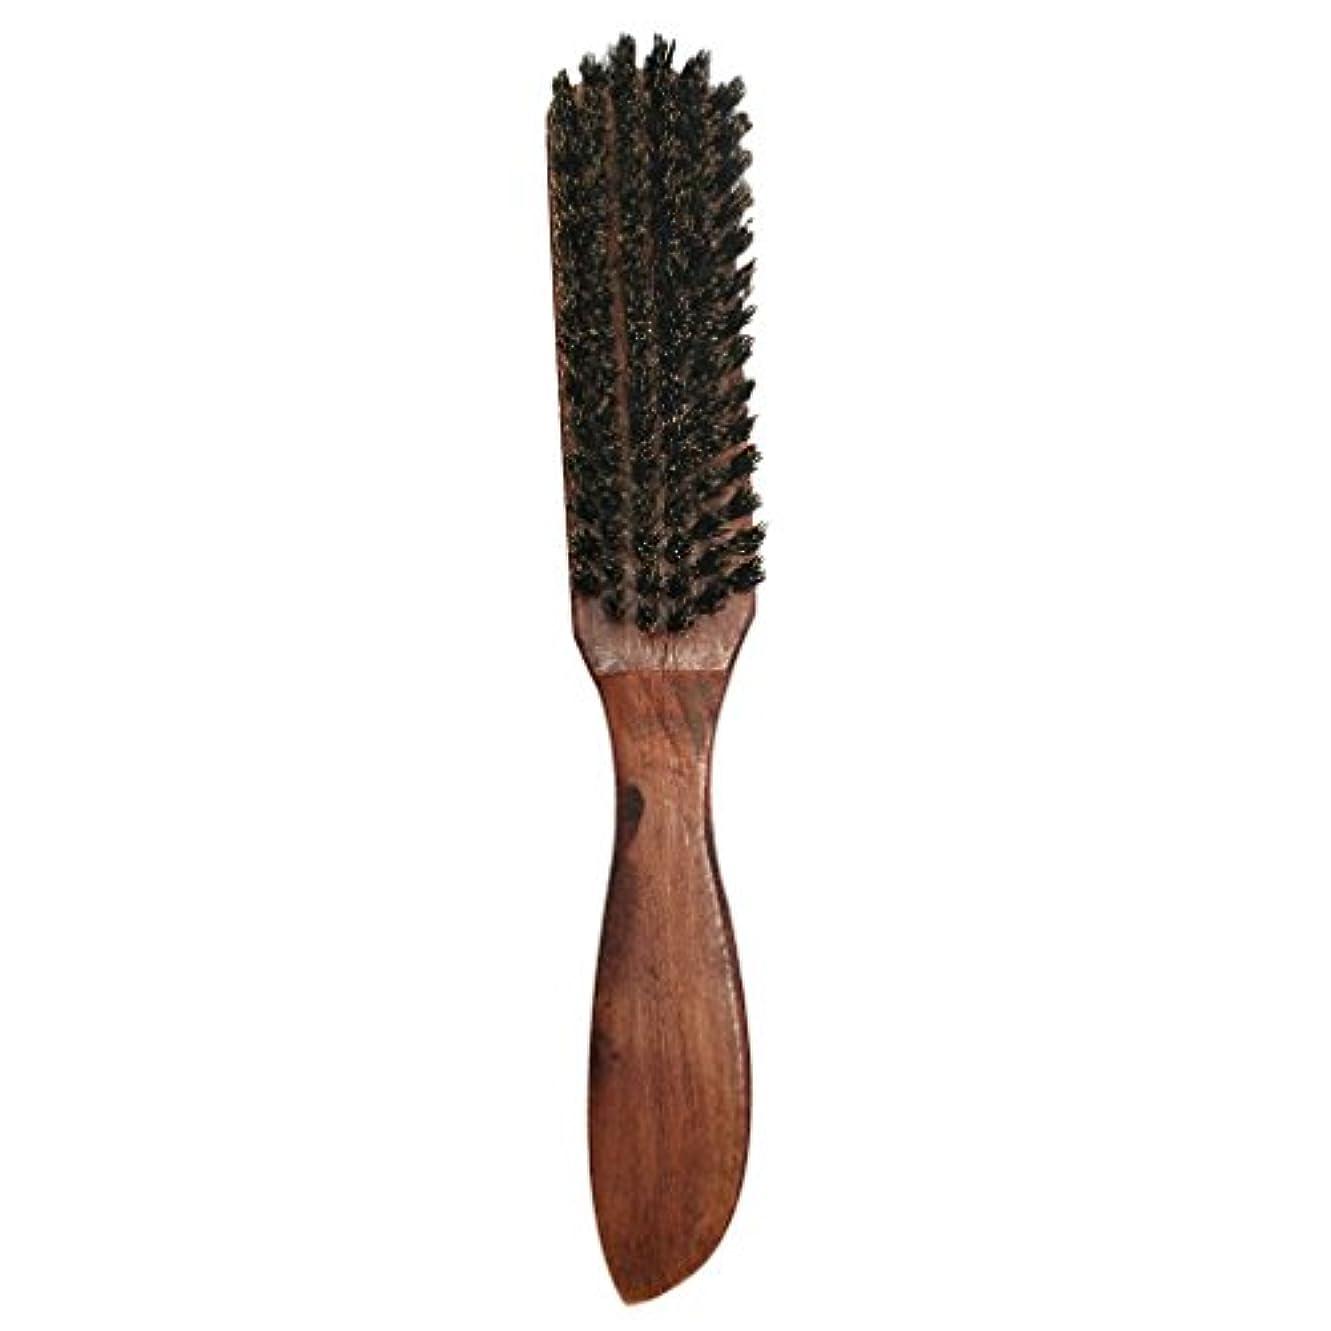 評決ビットインペリアルToygogo メンズナチュラルファームブラシひげ口ひげスタイリンググルーミングシェービング木製ハンドルコームすべてのひげバームとオイルで動作します